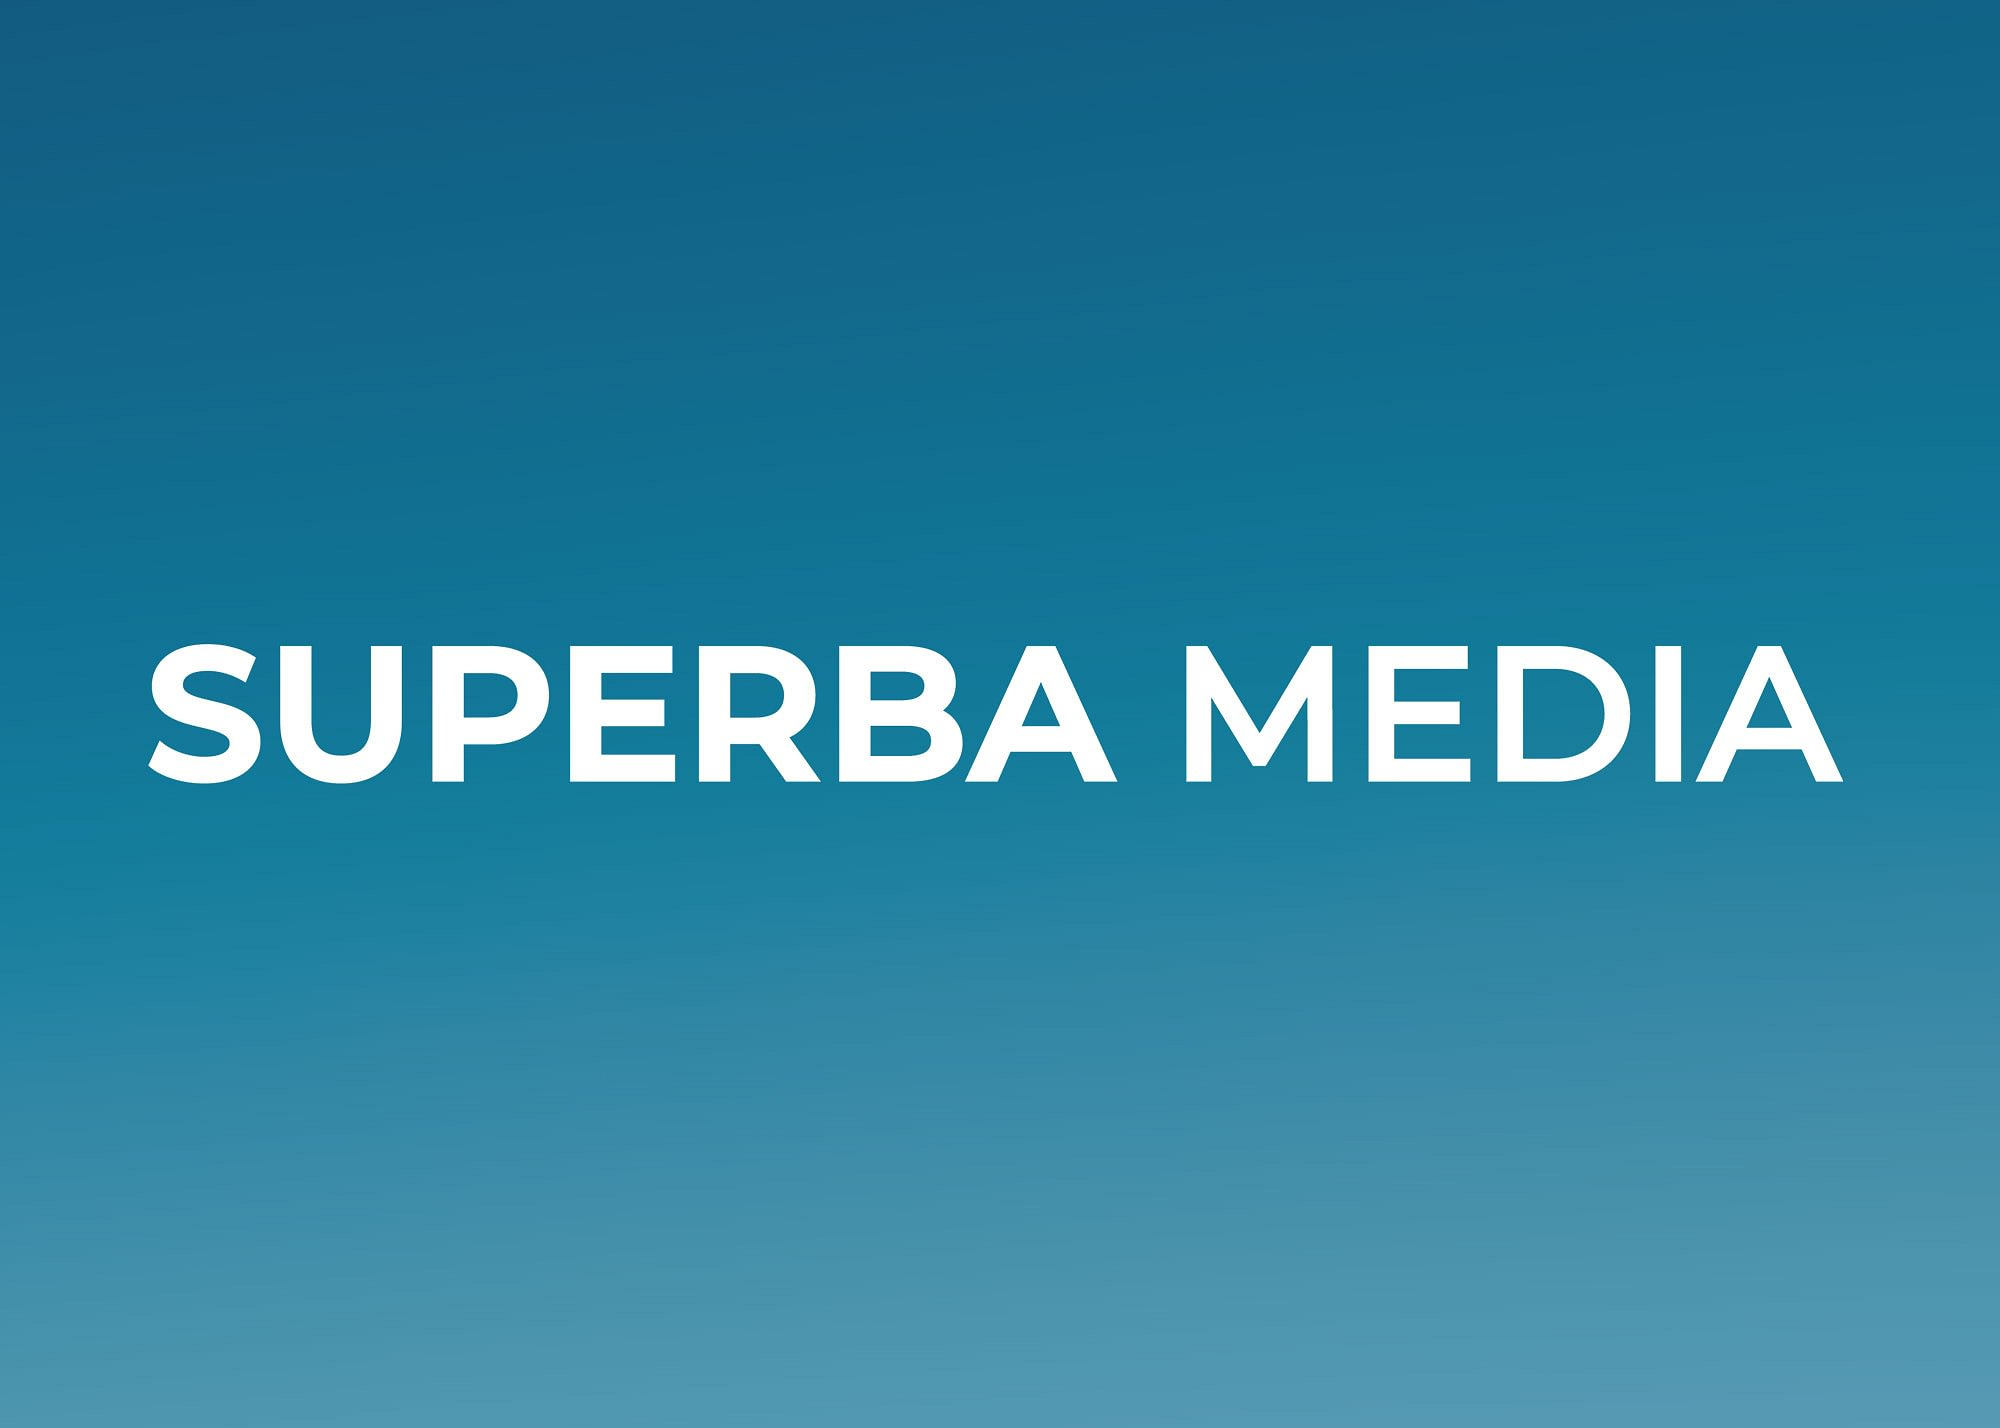 Superba Media